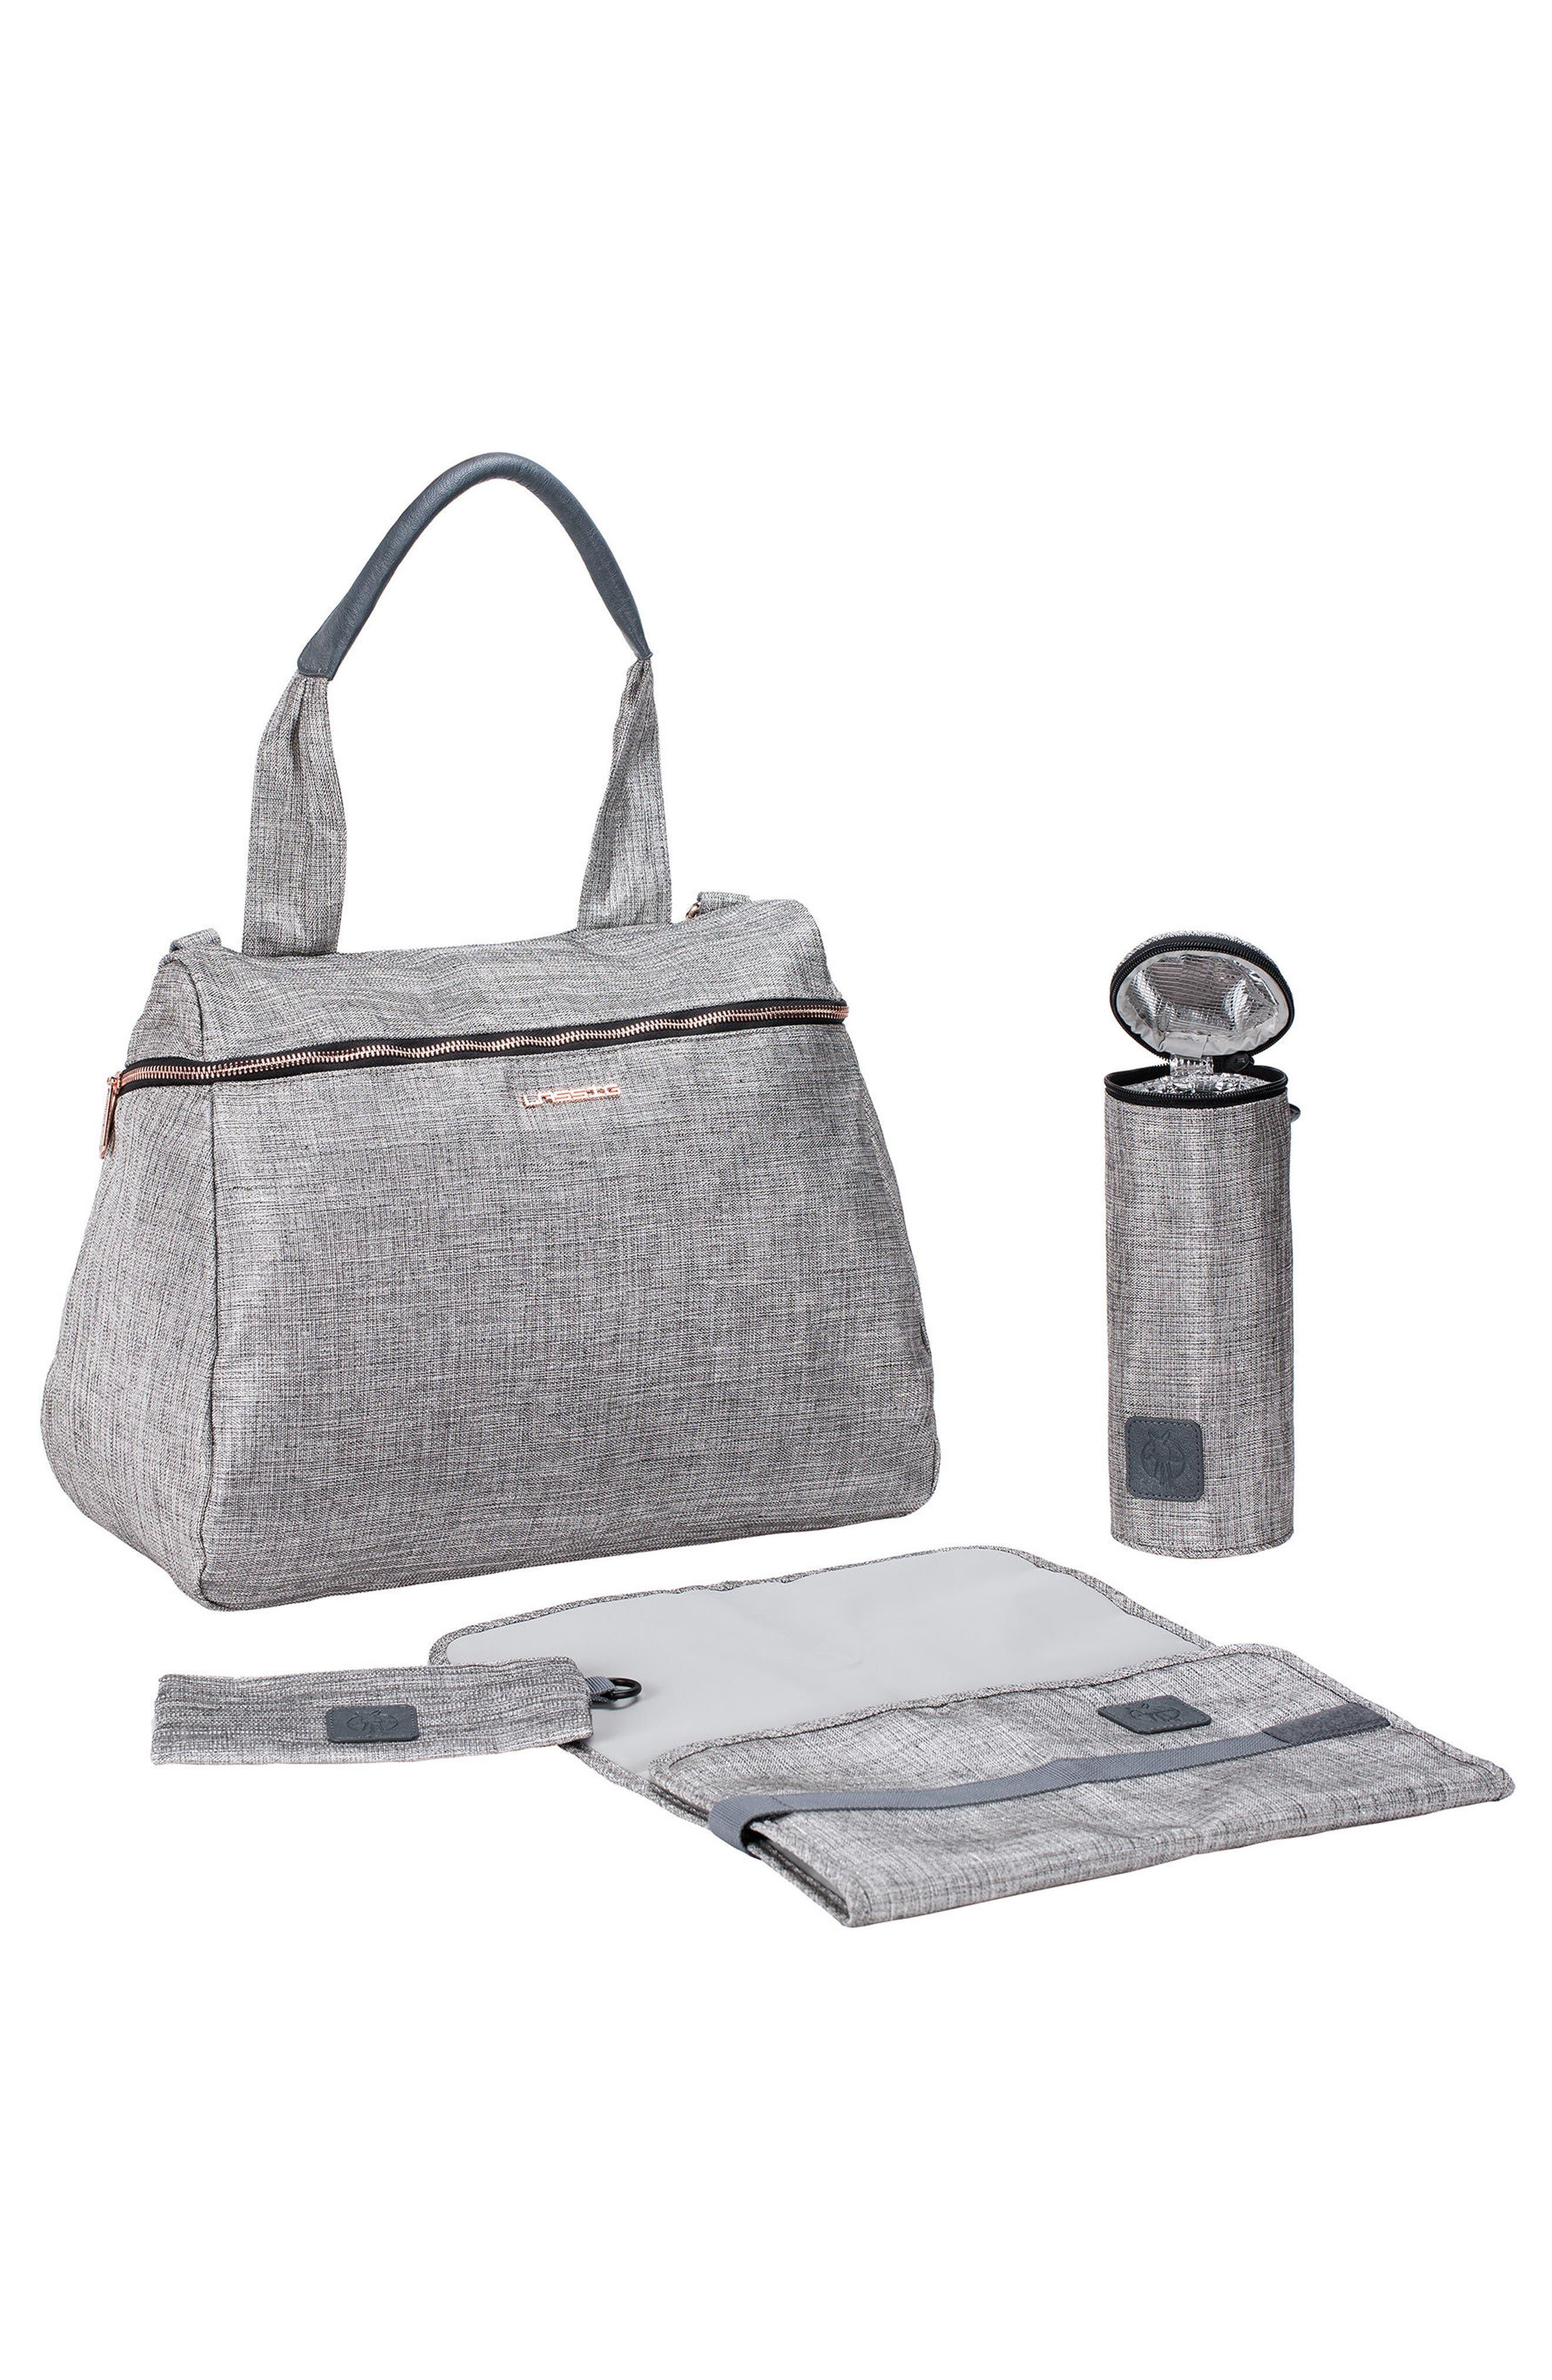 Glam Rosie Diaper Bag,                             Alternate thumbnail 5, color,                             Anthracite Glitter